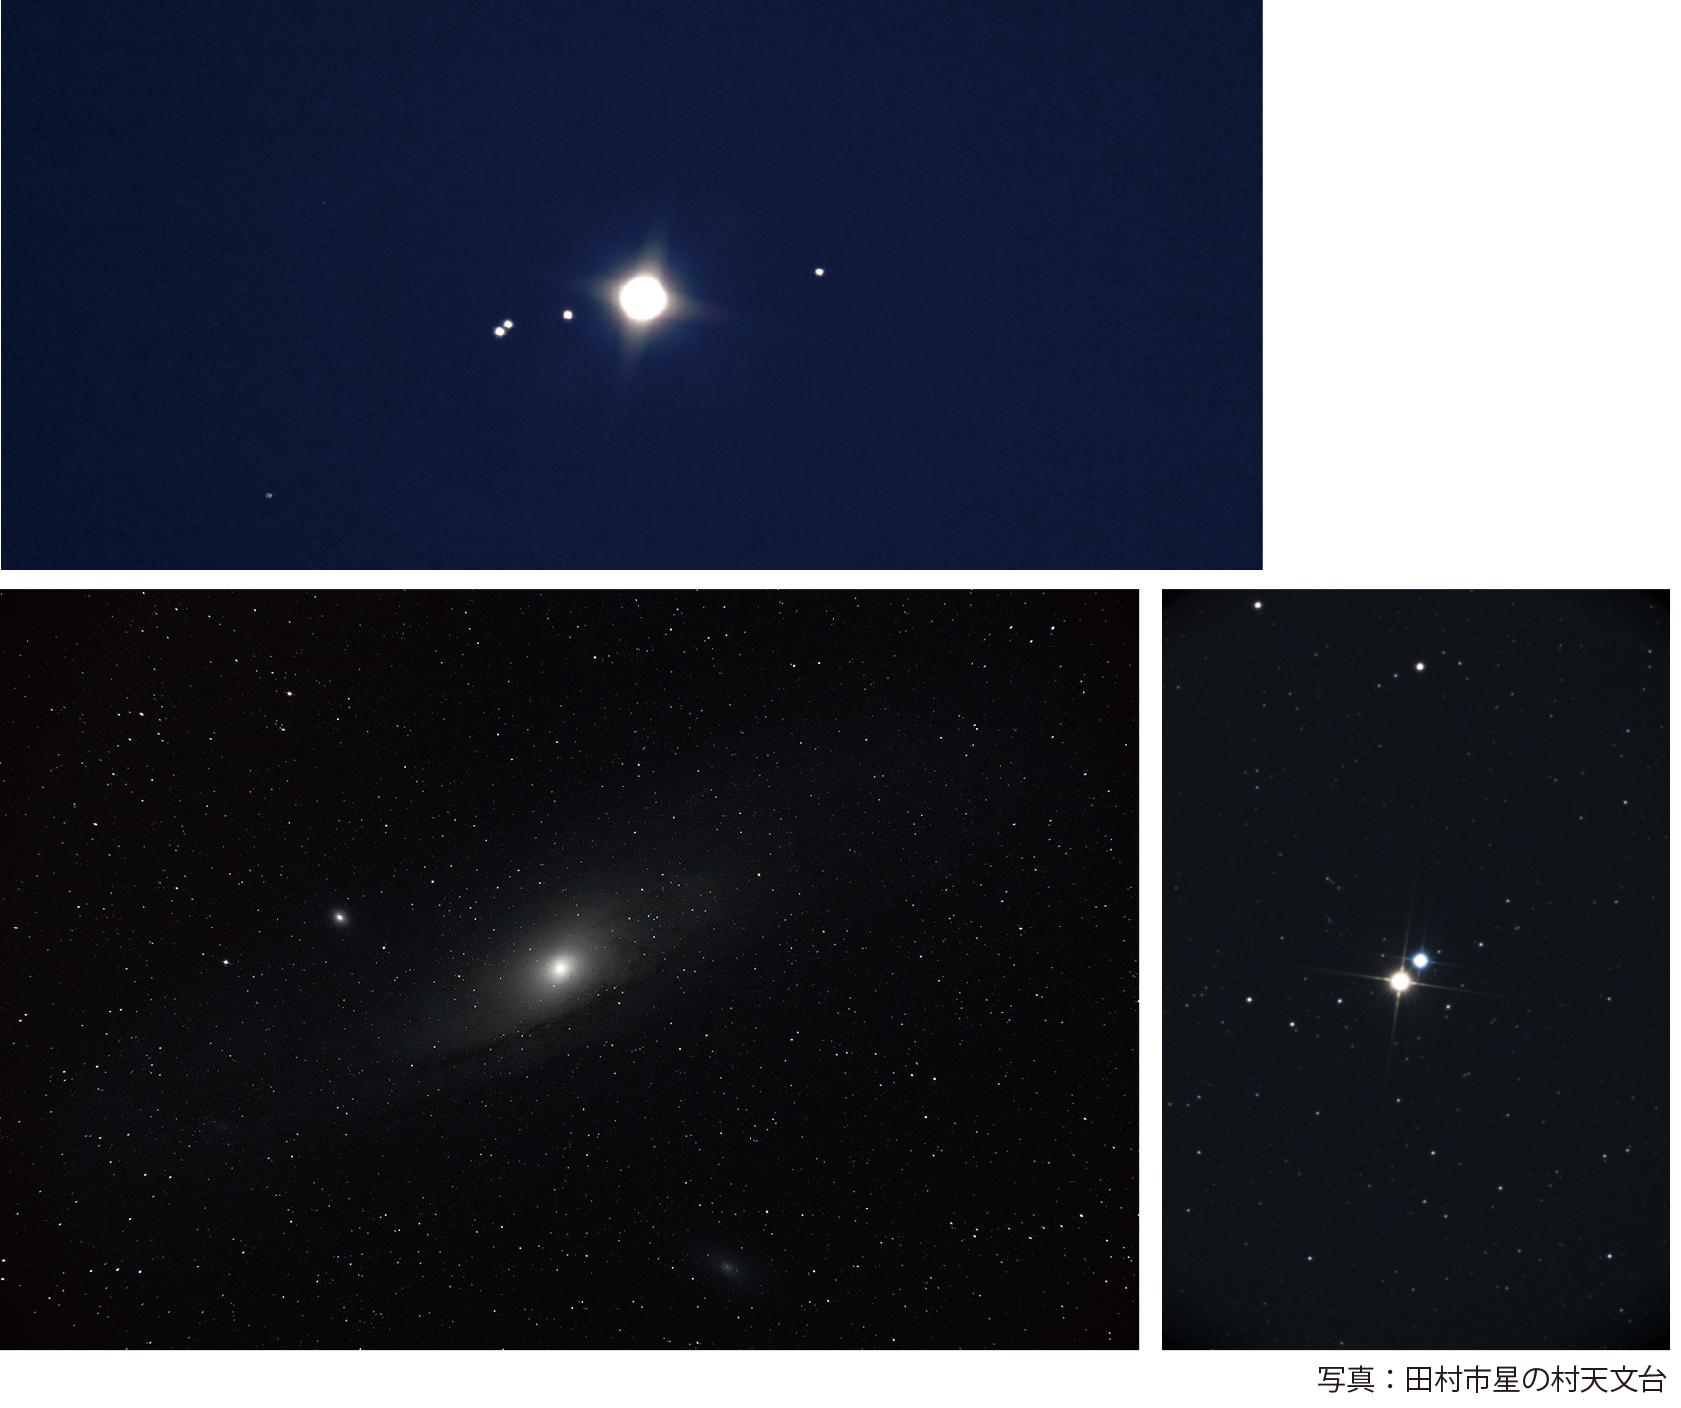 「天体望遠鏡ウルトラムーンで観察できる天体のイメージ」画像